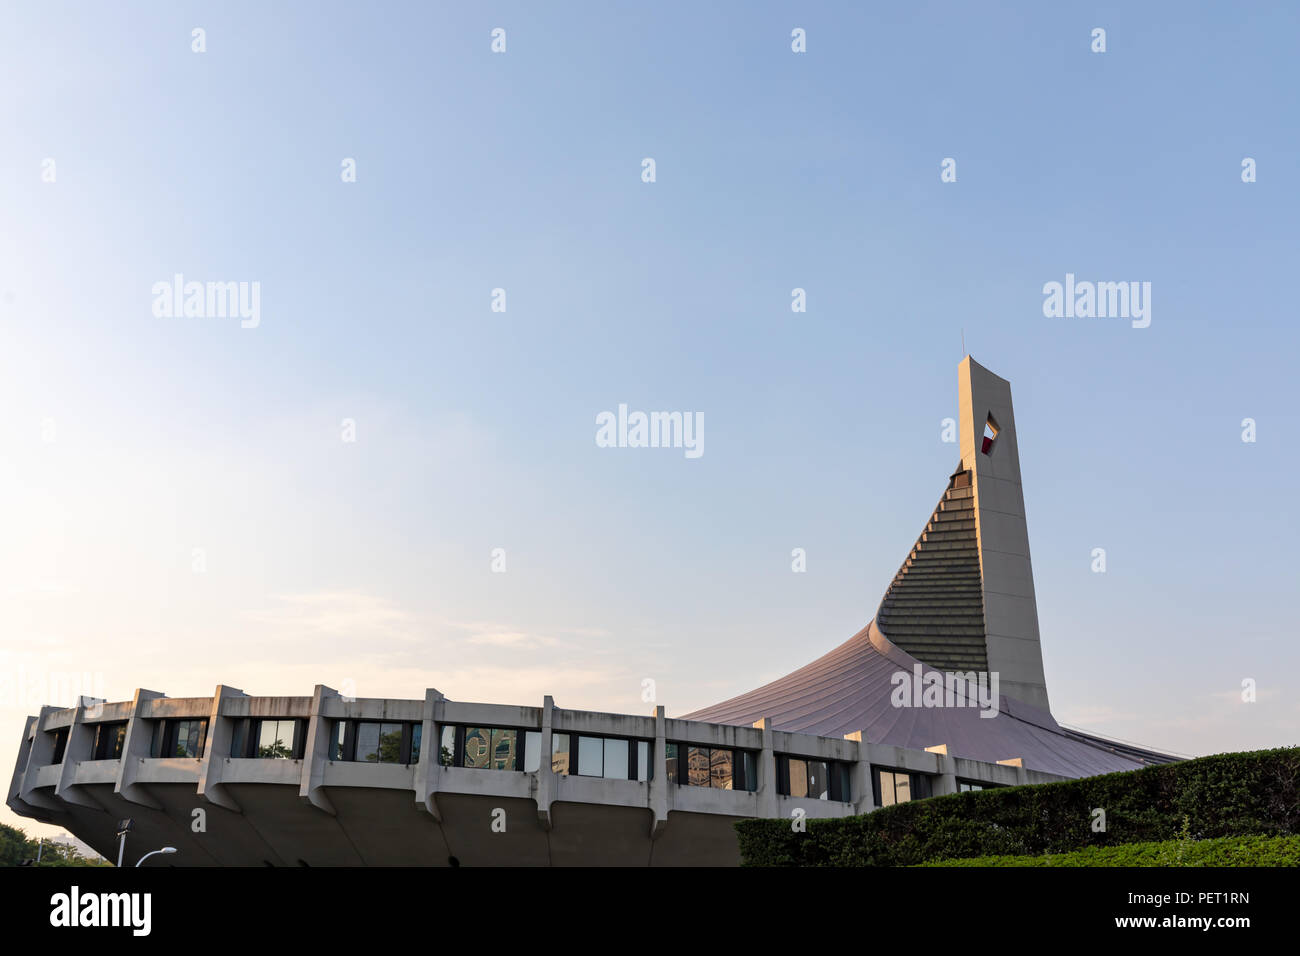 Estadio Nacional Yoyogi (Kenzo Tange), construido para los Juegos Olímpicos de Verano de 1964 en Tokio, Japón Foto de stock